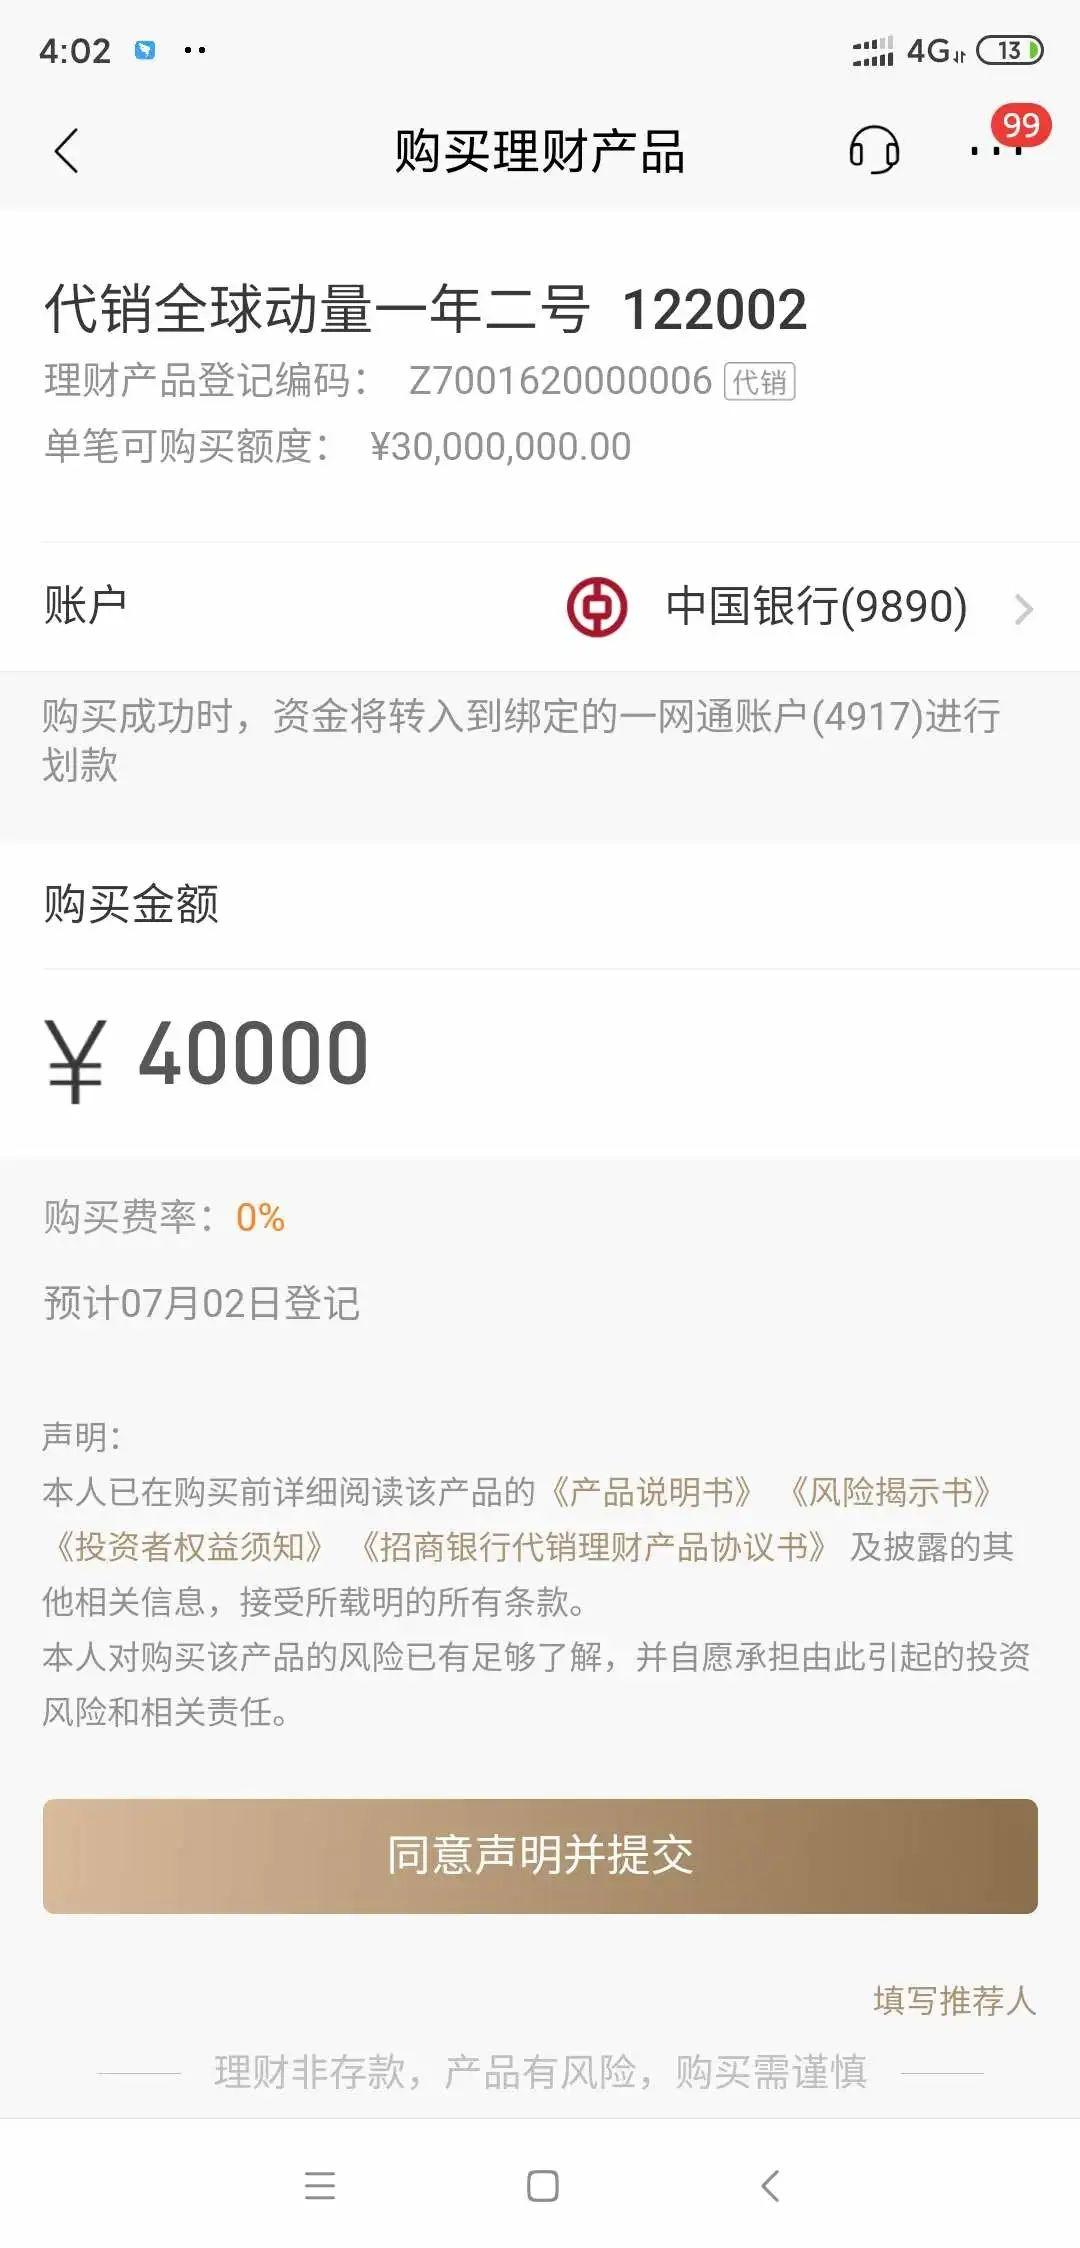 招商银行APP撸20元话费,新活动所有用户均可参与!